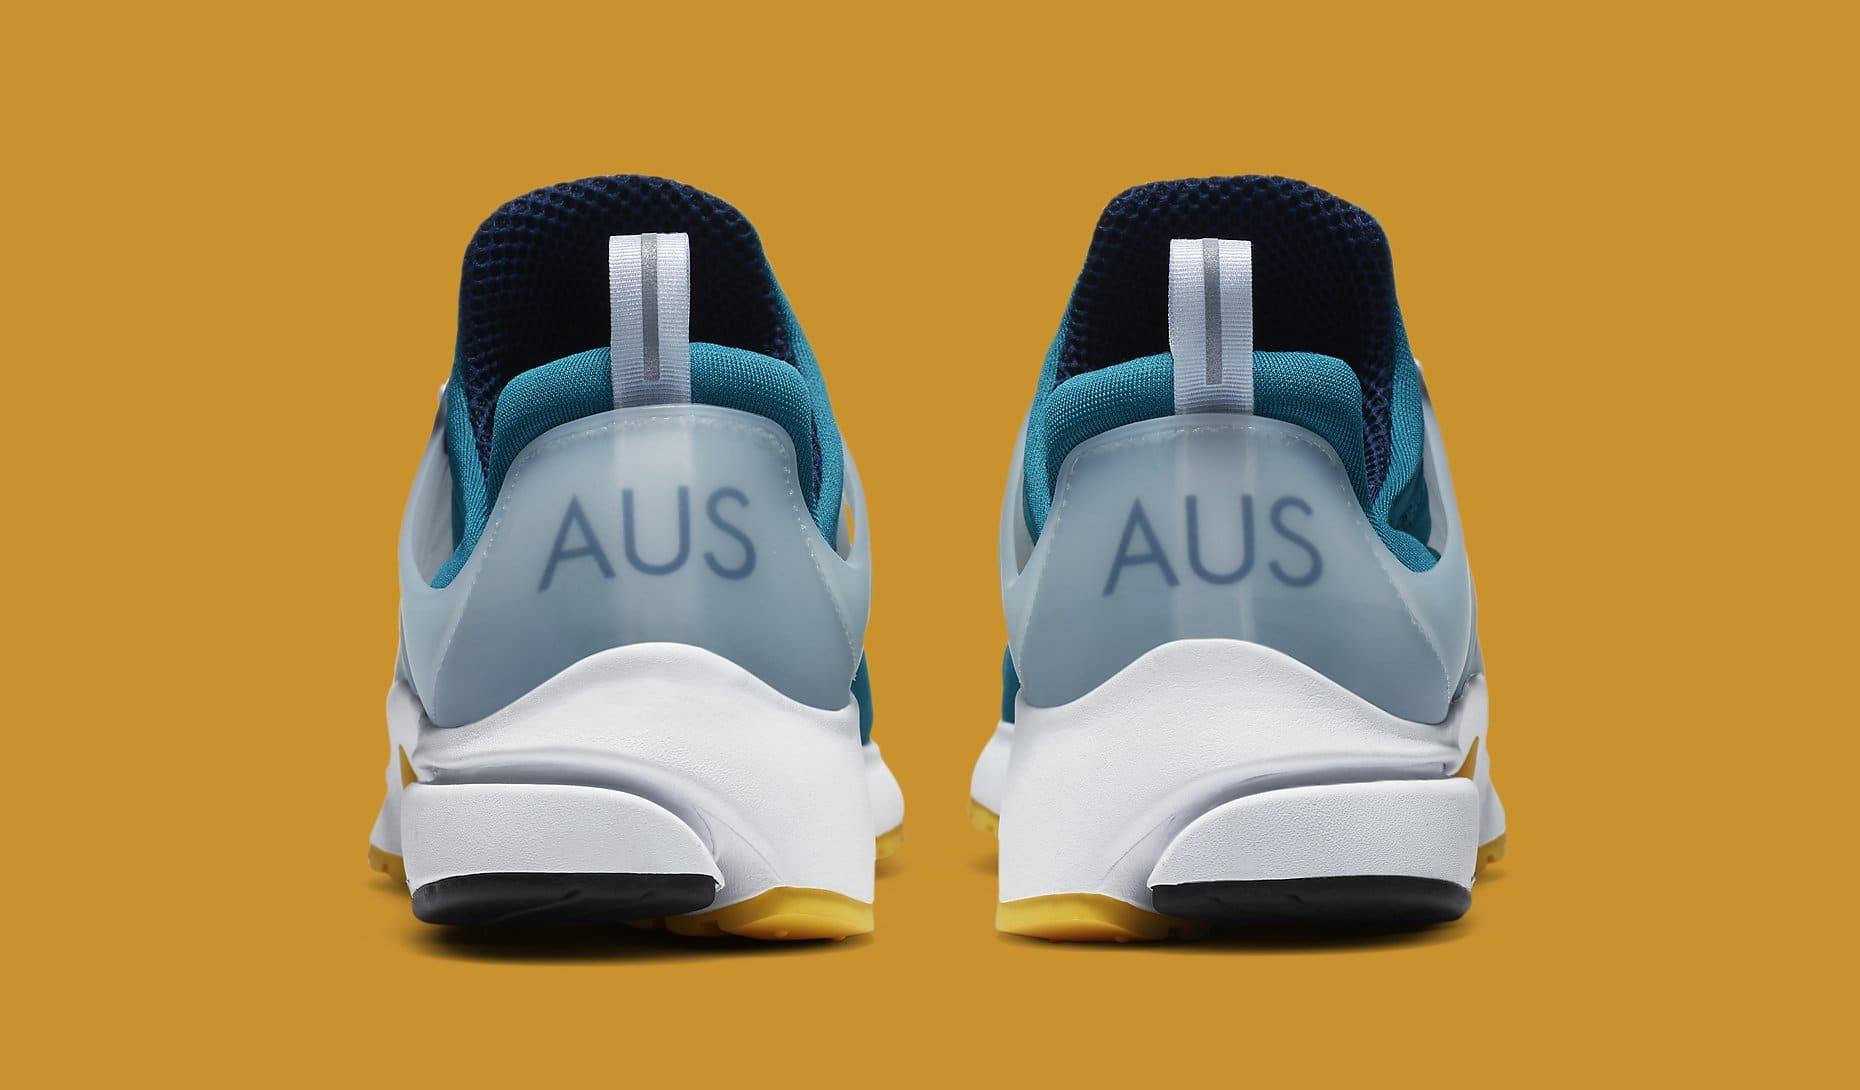 Nike Air Presto 'Australia' 2020 CJ1229-301 Heel